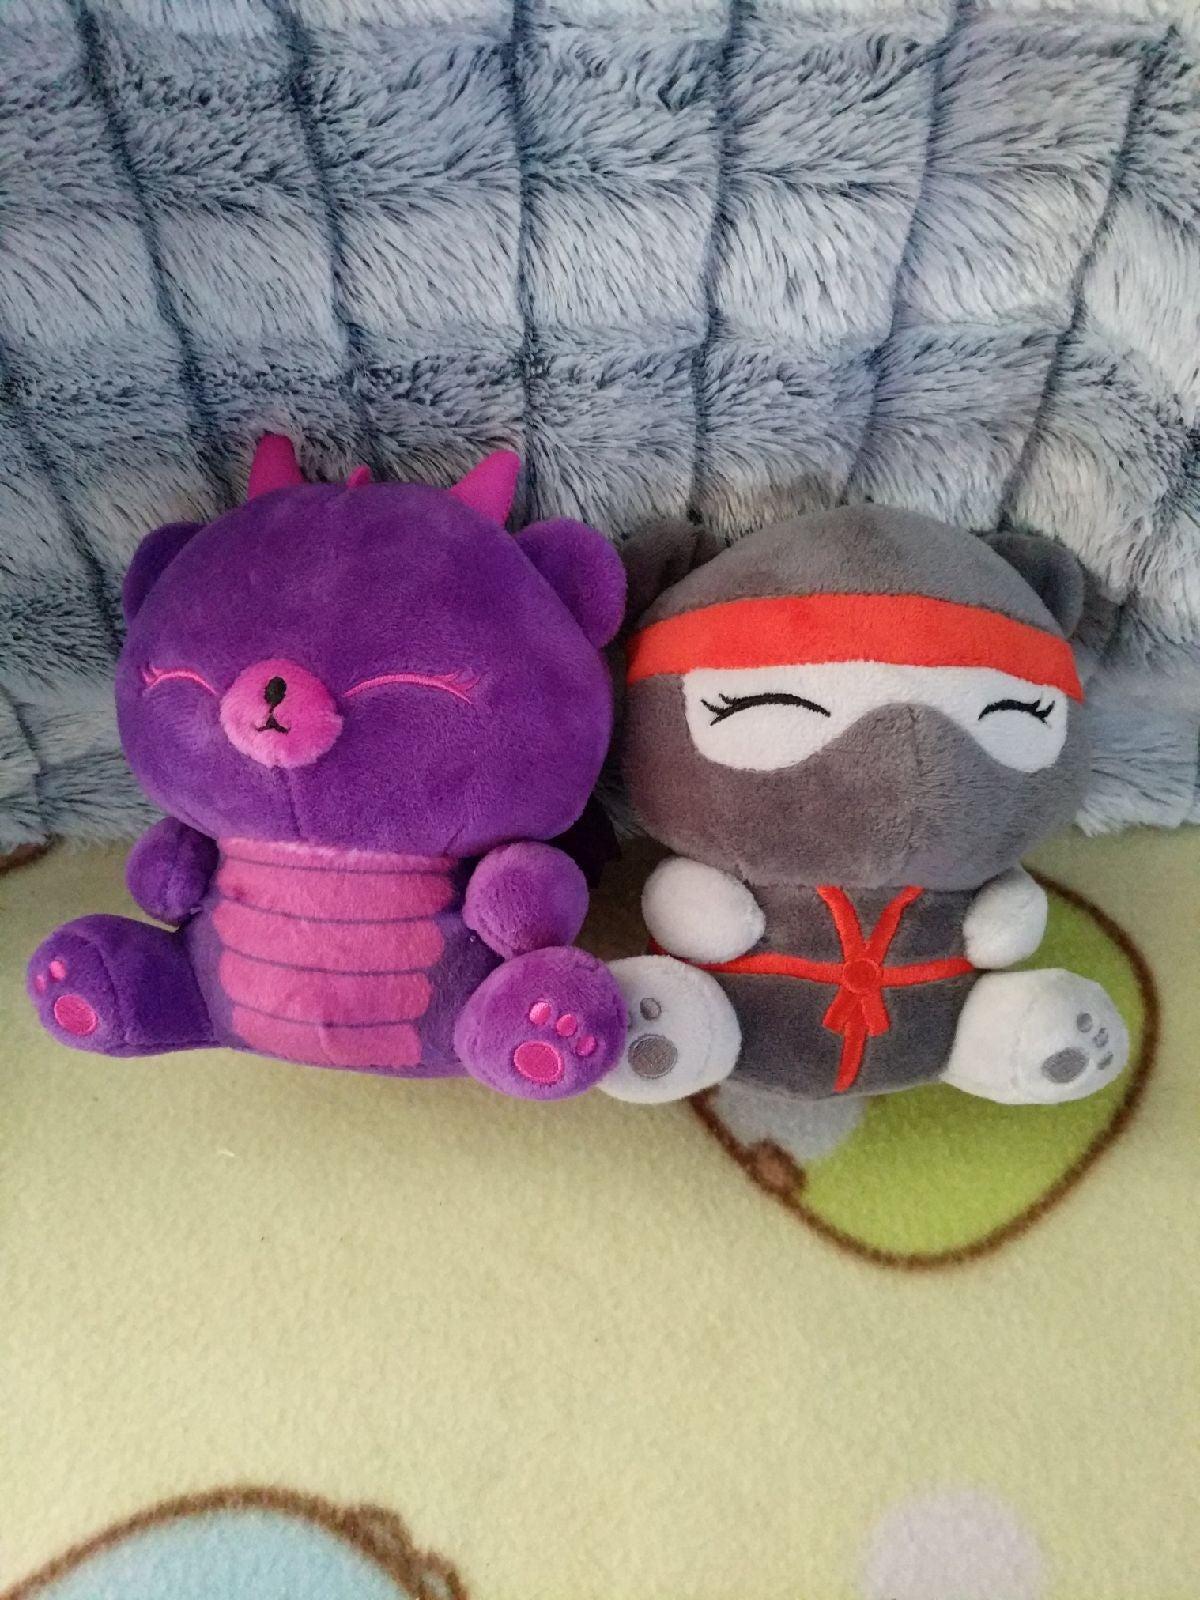 Me Bear ninja and dragon plush lot